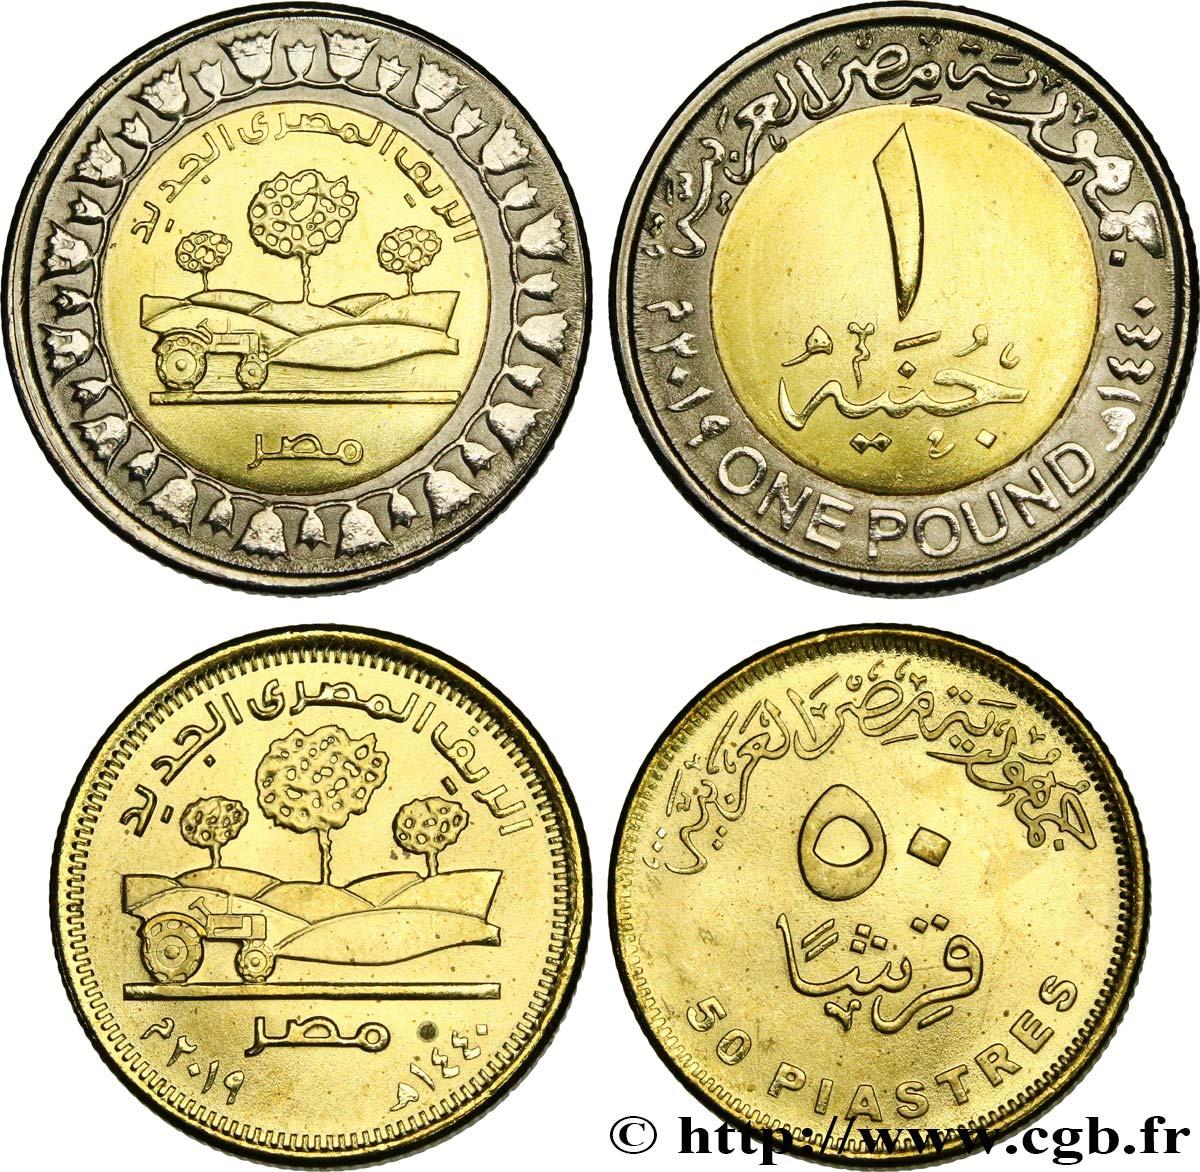 Egypte Lot 50 Qirsh Et 1 Pound Livre Nouvelle Campagne Egyptienne Ah 1440 2019